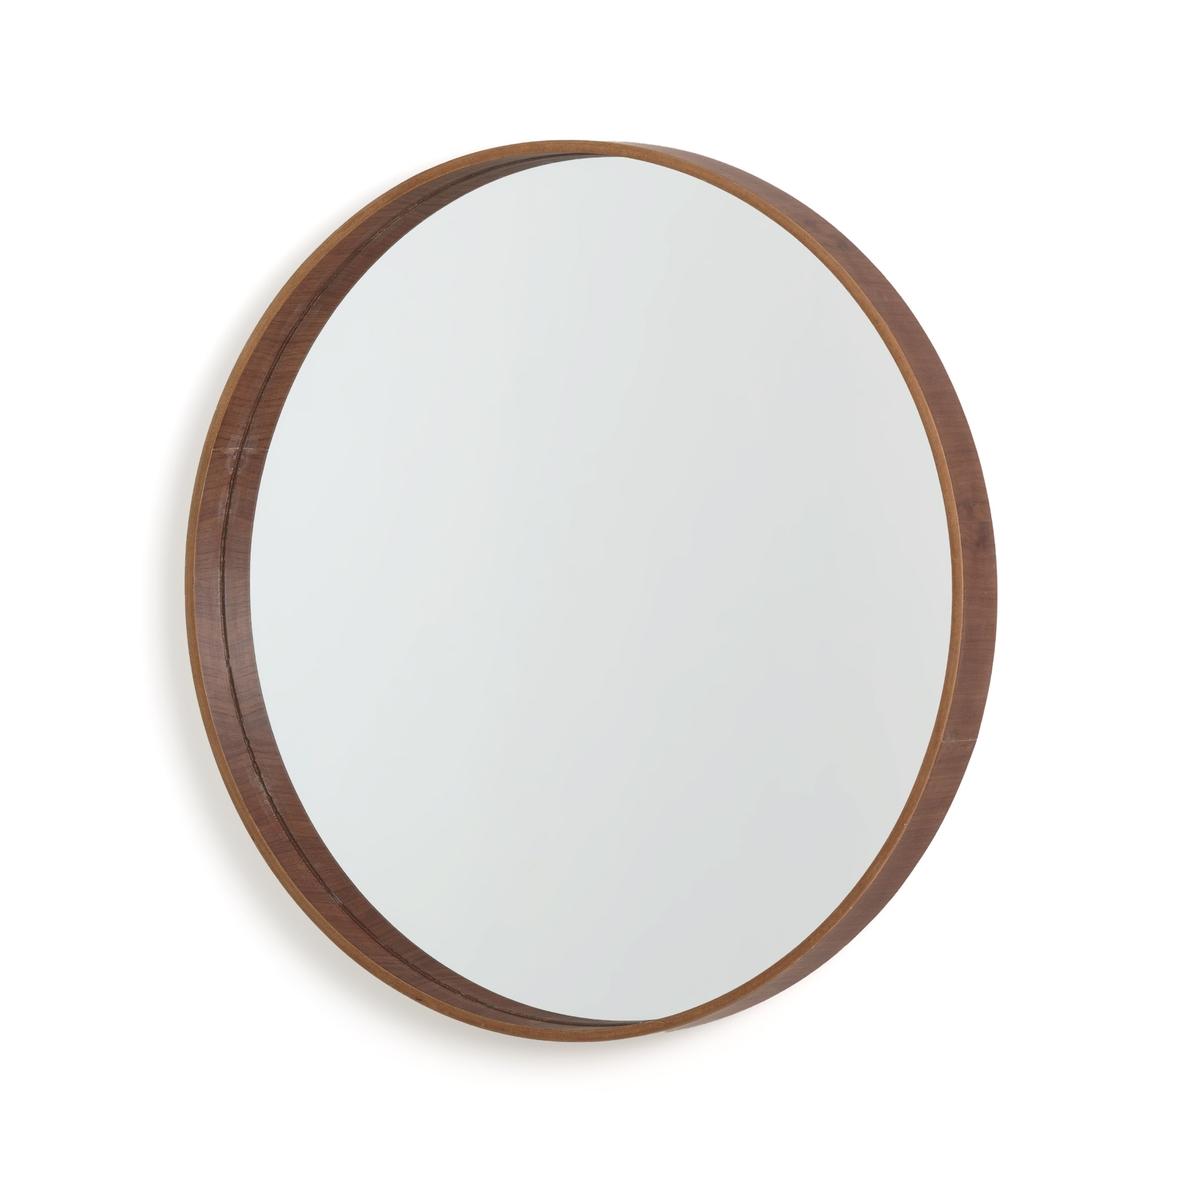 Зеркало La Redoute Круглое ALARIA единый размер другие зеркало круглое alaria